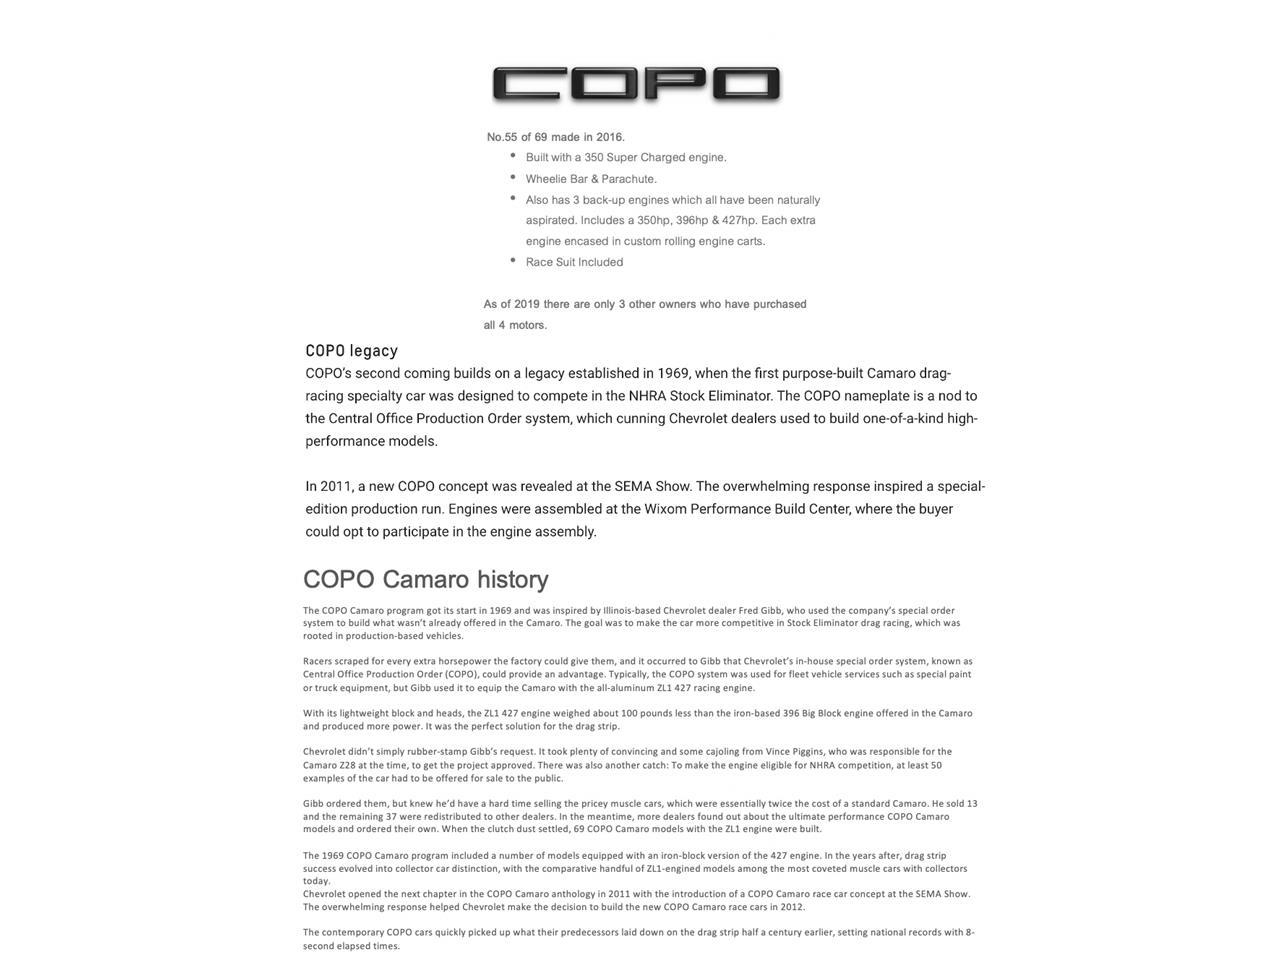 2016 Chevrolet Camaro COPO (CC-1341485) for sale in Destin, Florida